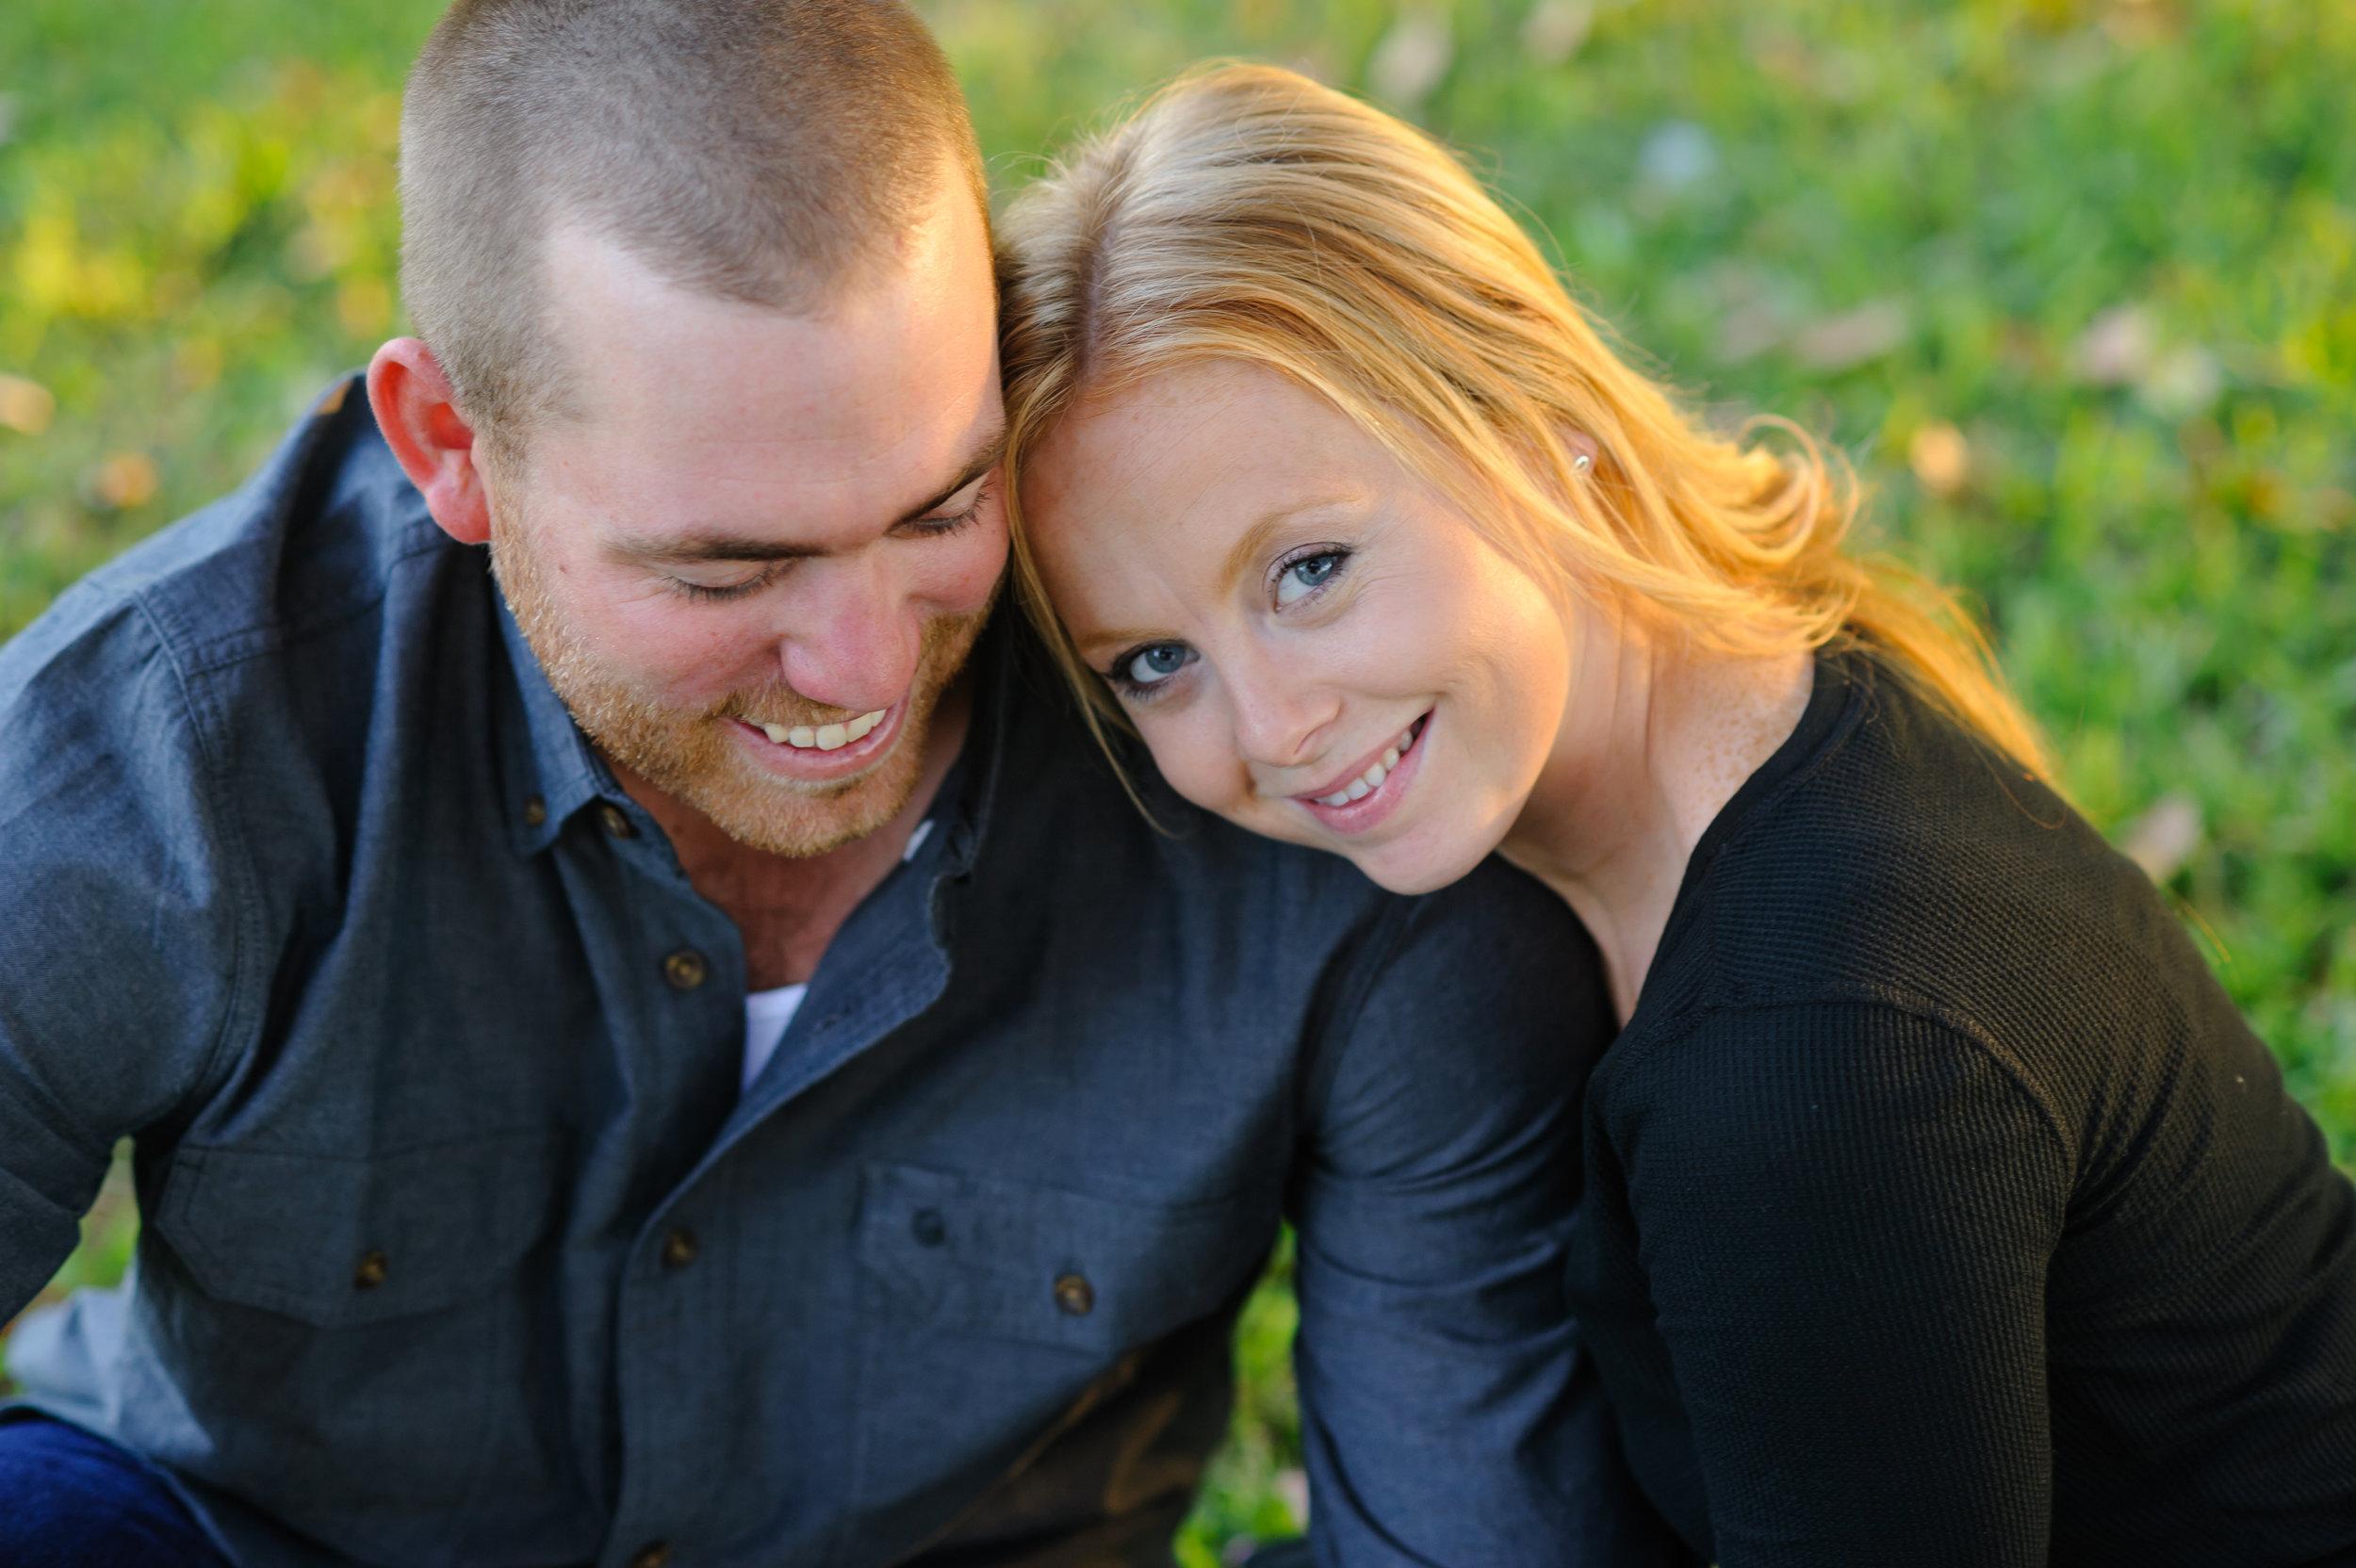 jenelle-brian-008-sacramento-engagement-wedding-photographer-katherine-nicole-photography.JPG